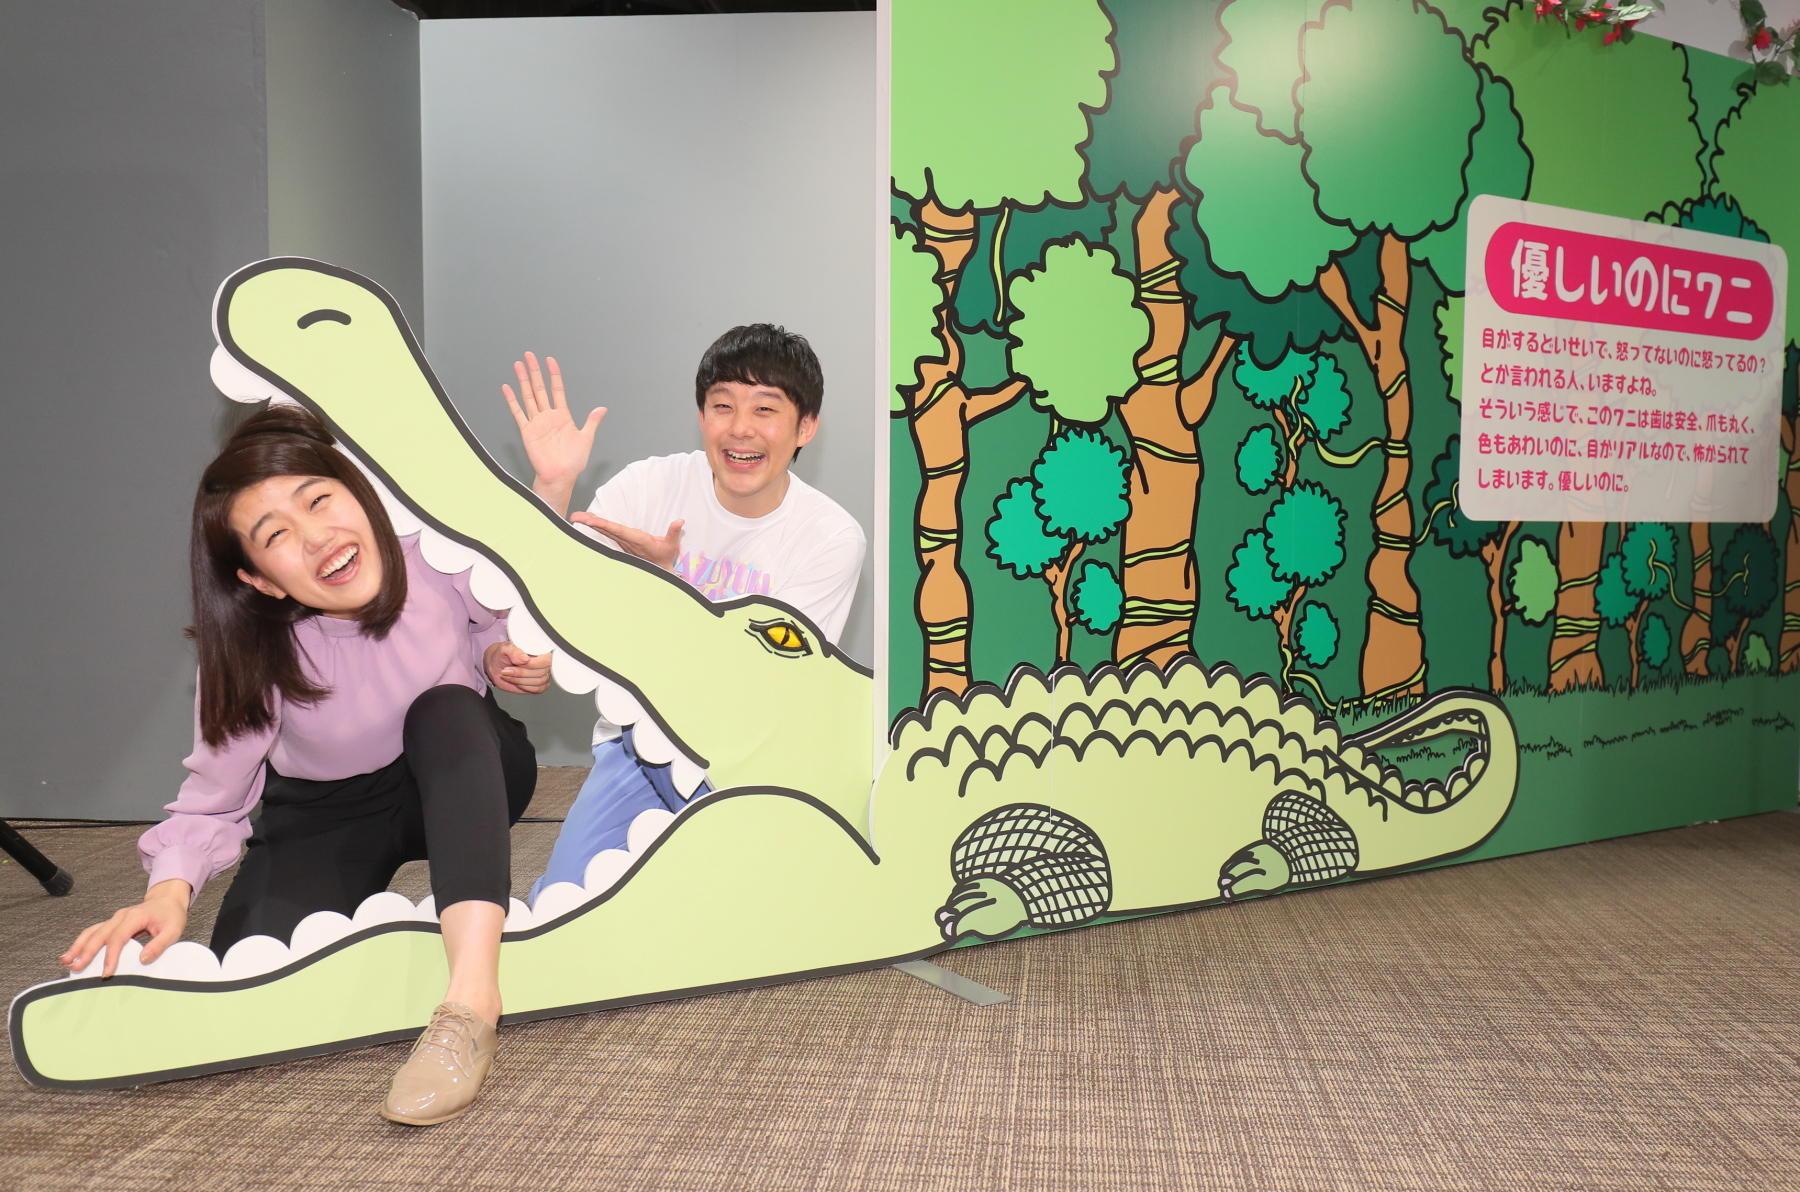 http://news.yoshimoto.co.jp/20180427002139-7efcfe5895b0cd42c7b4724227db705ac5e4a4a7.jpg